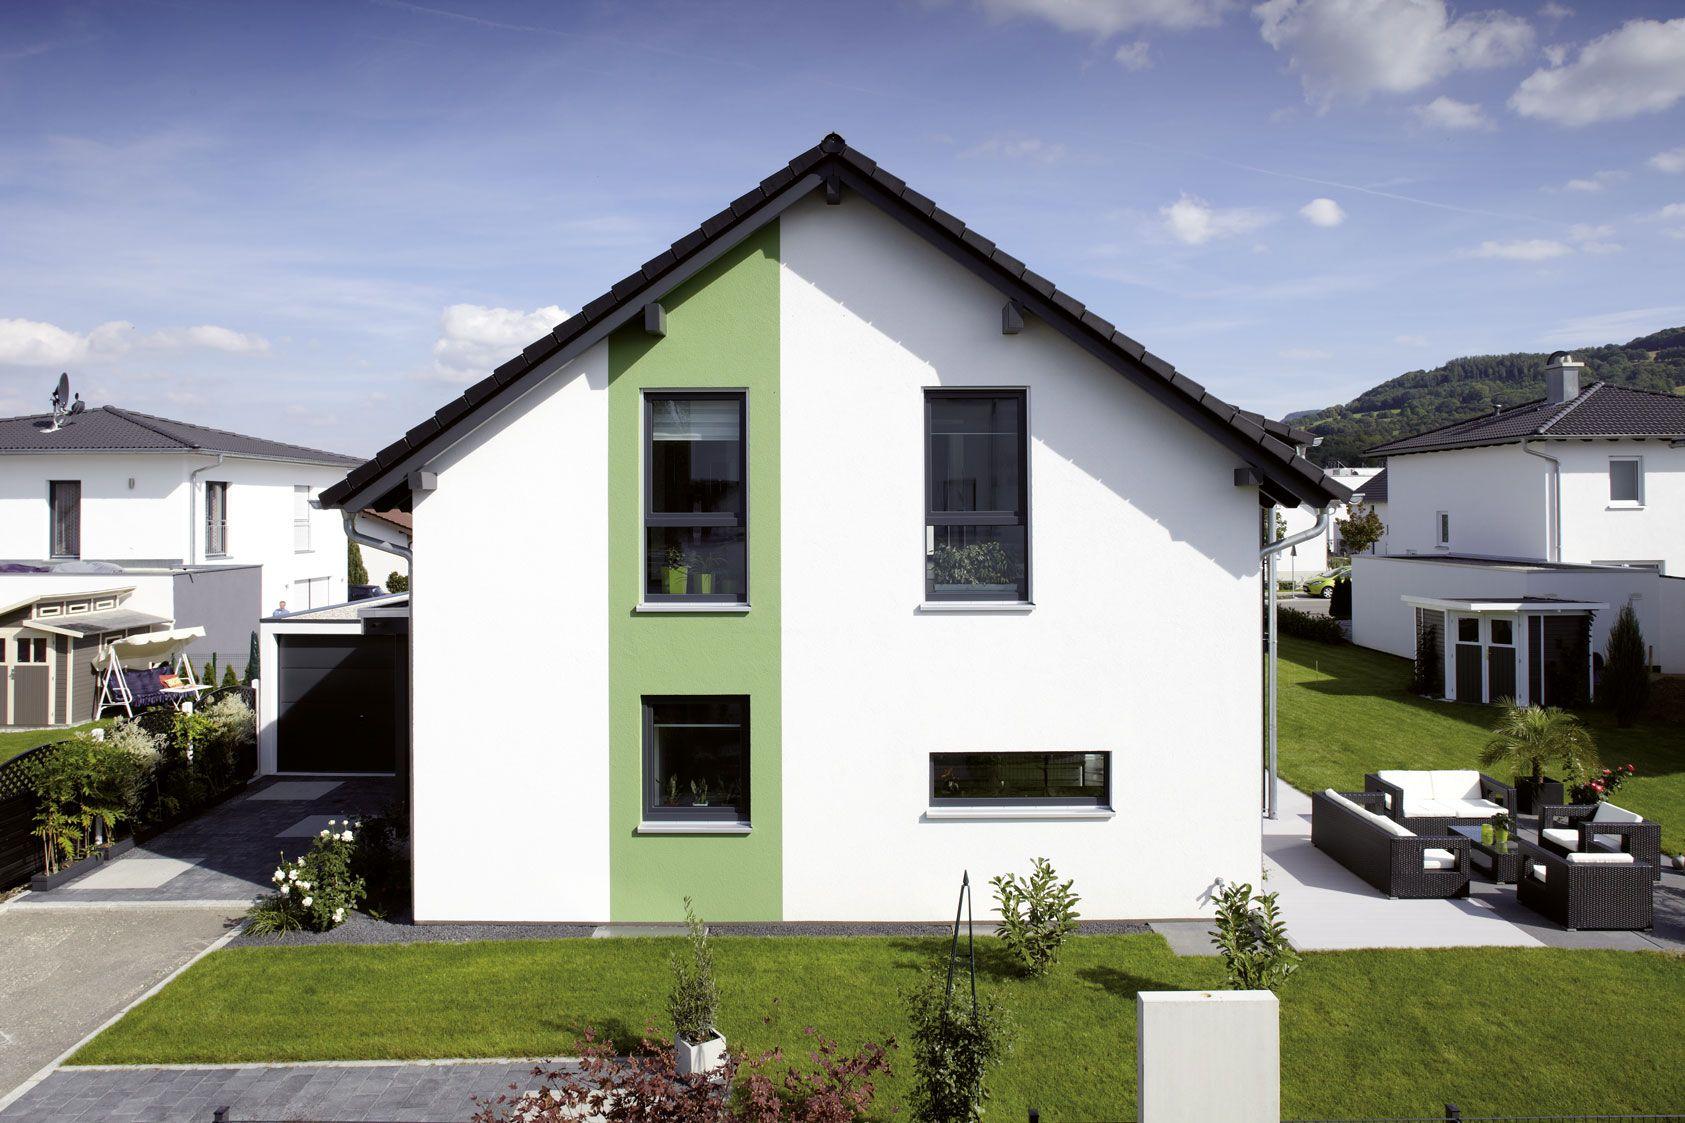 The White House Fertighaus weiß geputztes fertighaus mit grünen farbakzent einfamilienhaus